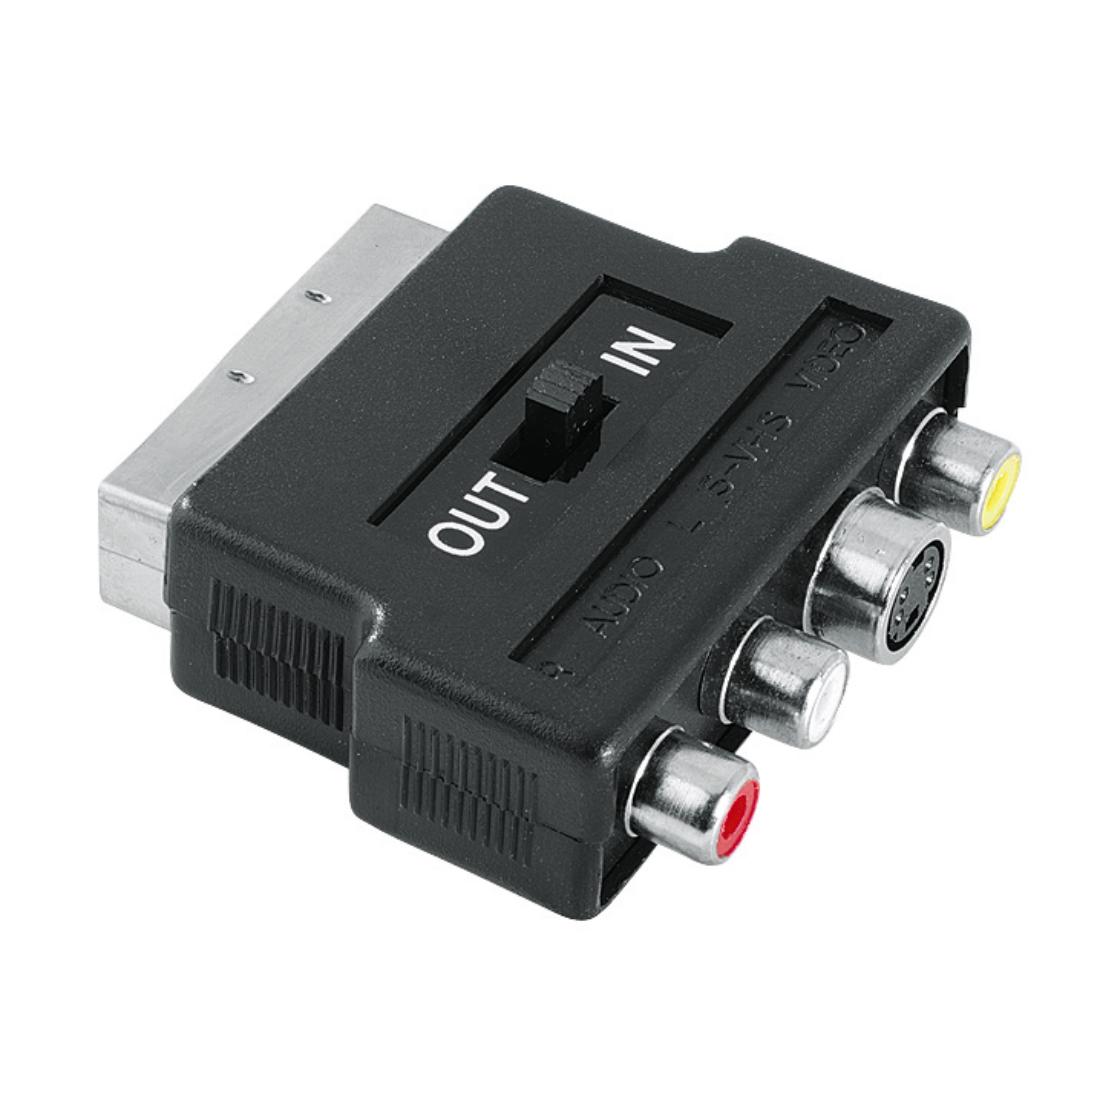 hama.com   99122238 Hama Video Adapter, S-VHS socket/3 RCA sockets ...